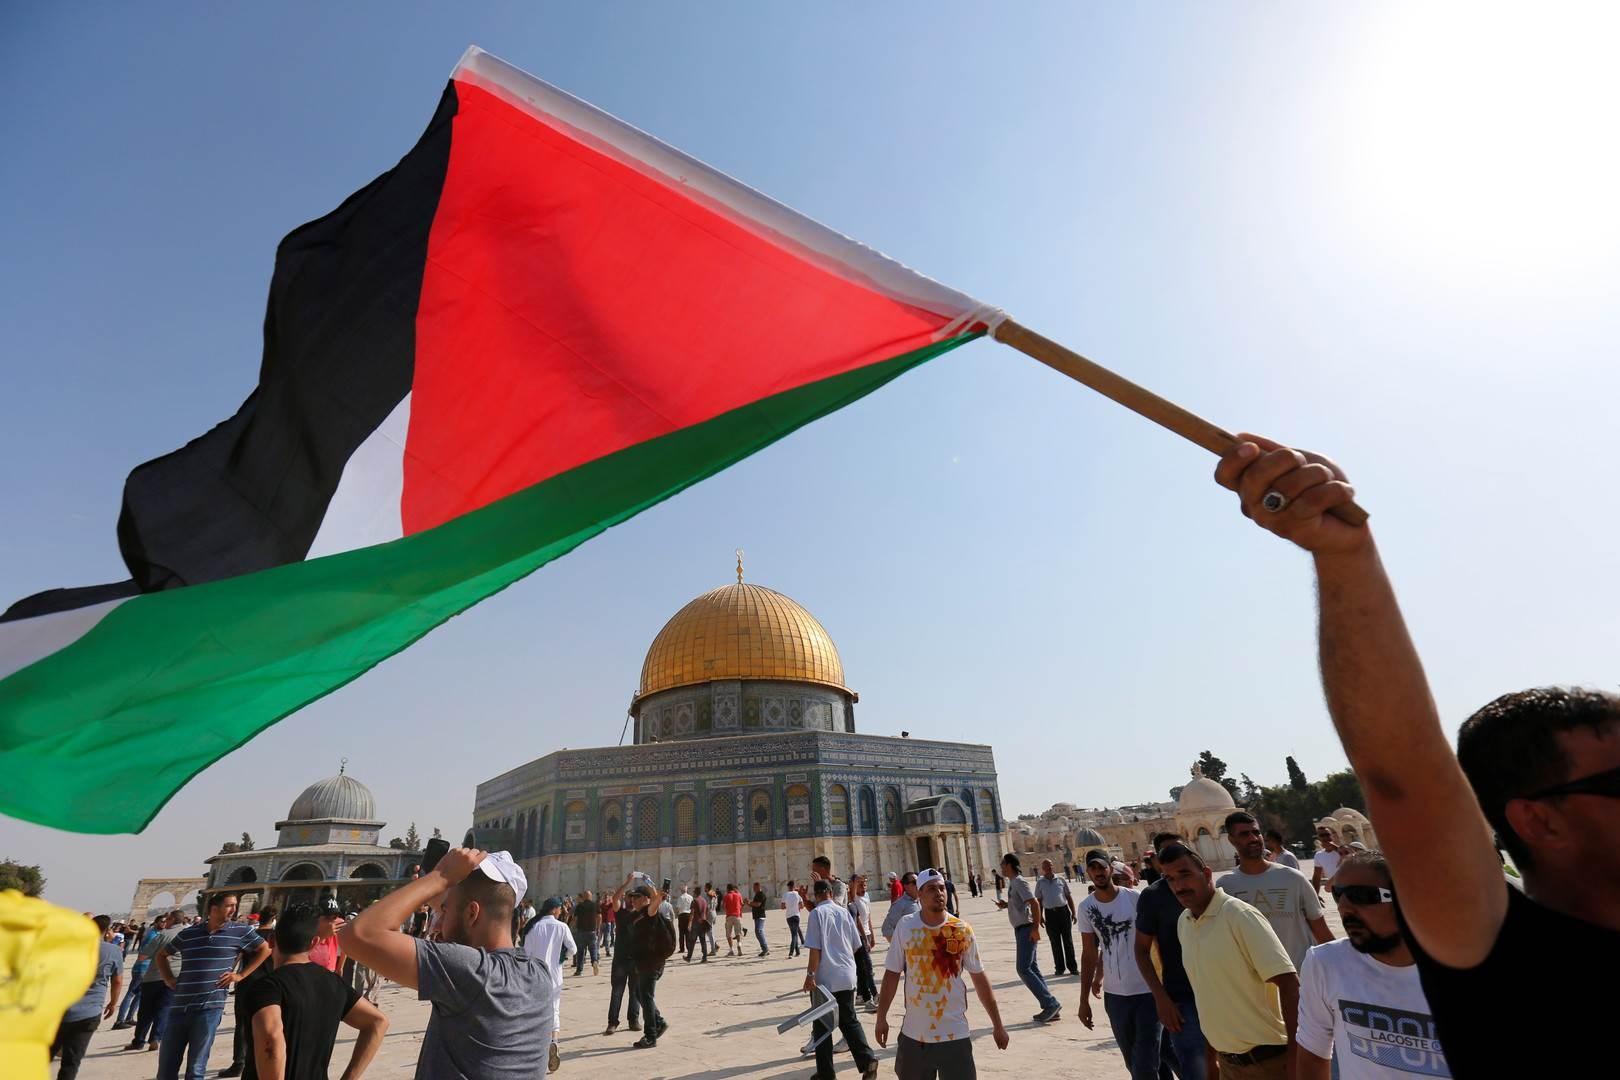 الحل في التمسك بالثوابت التي تربّينا عليها كتمسّكنا بالمقاومة والقضية الفلسطينية كقضيّتنا المبدئية